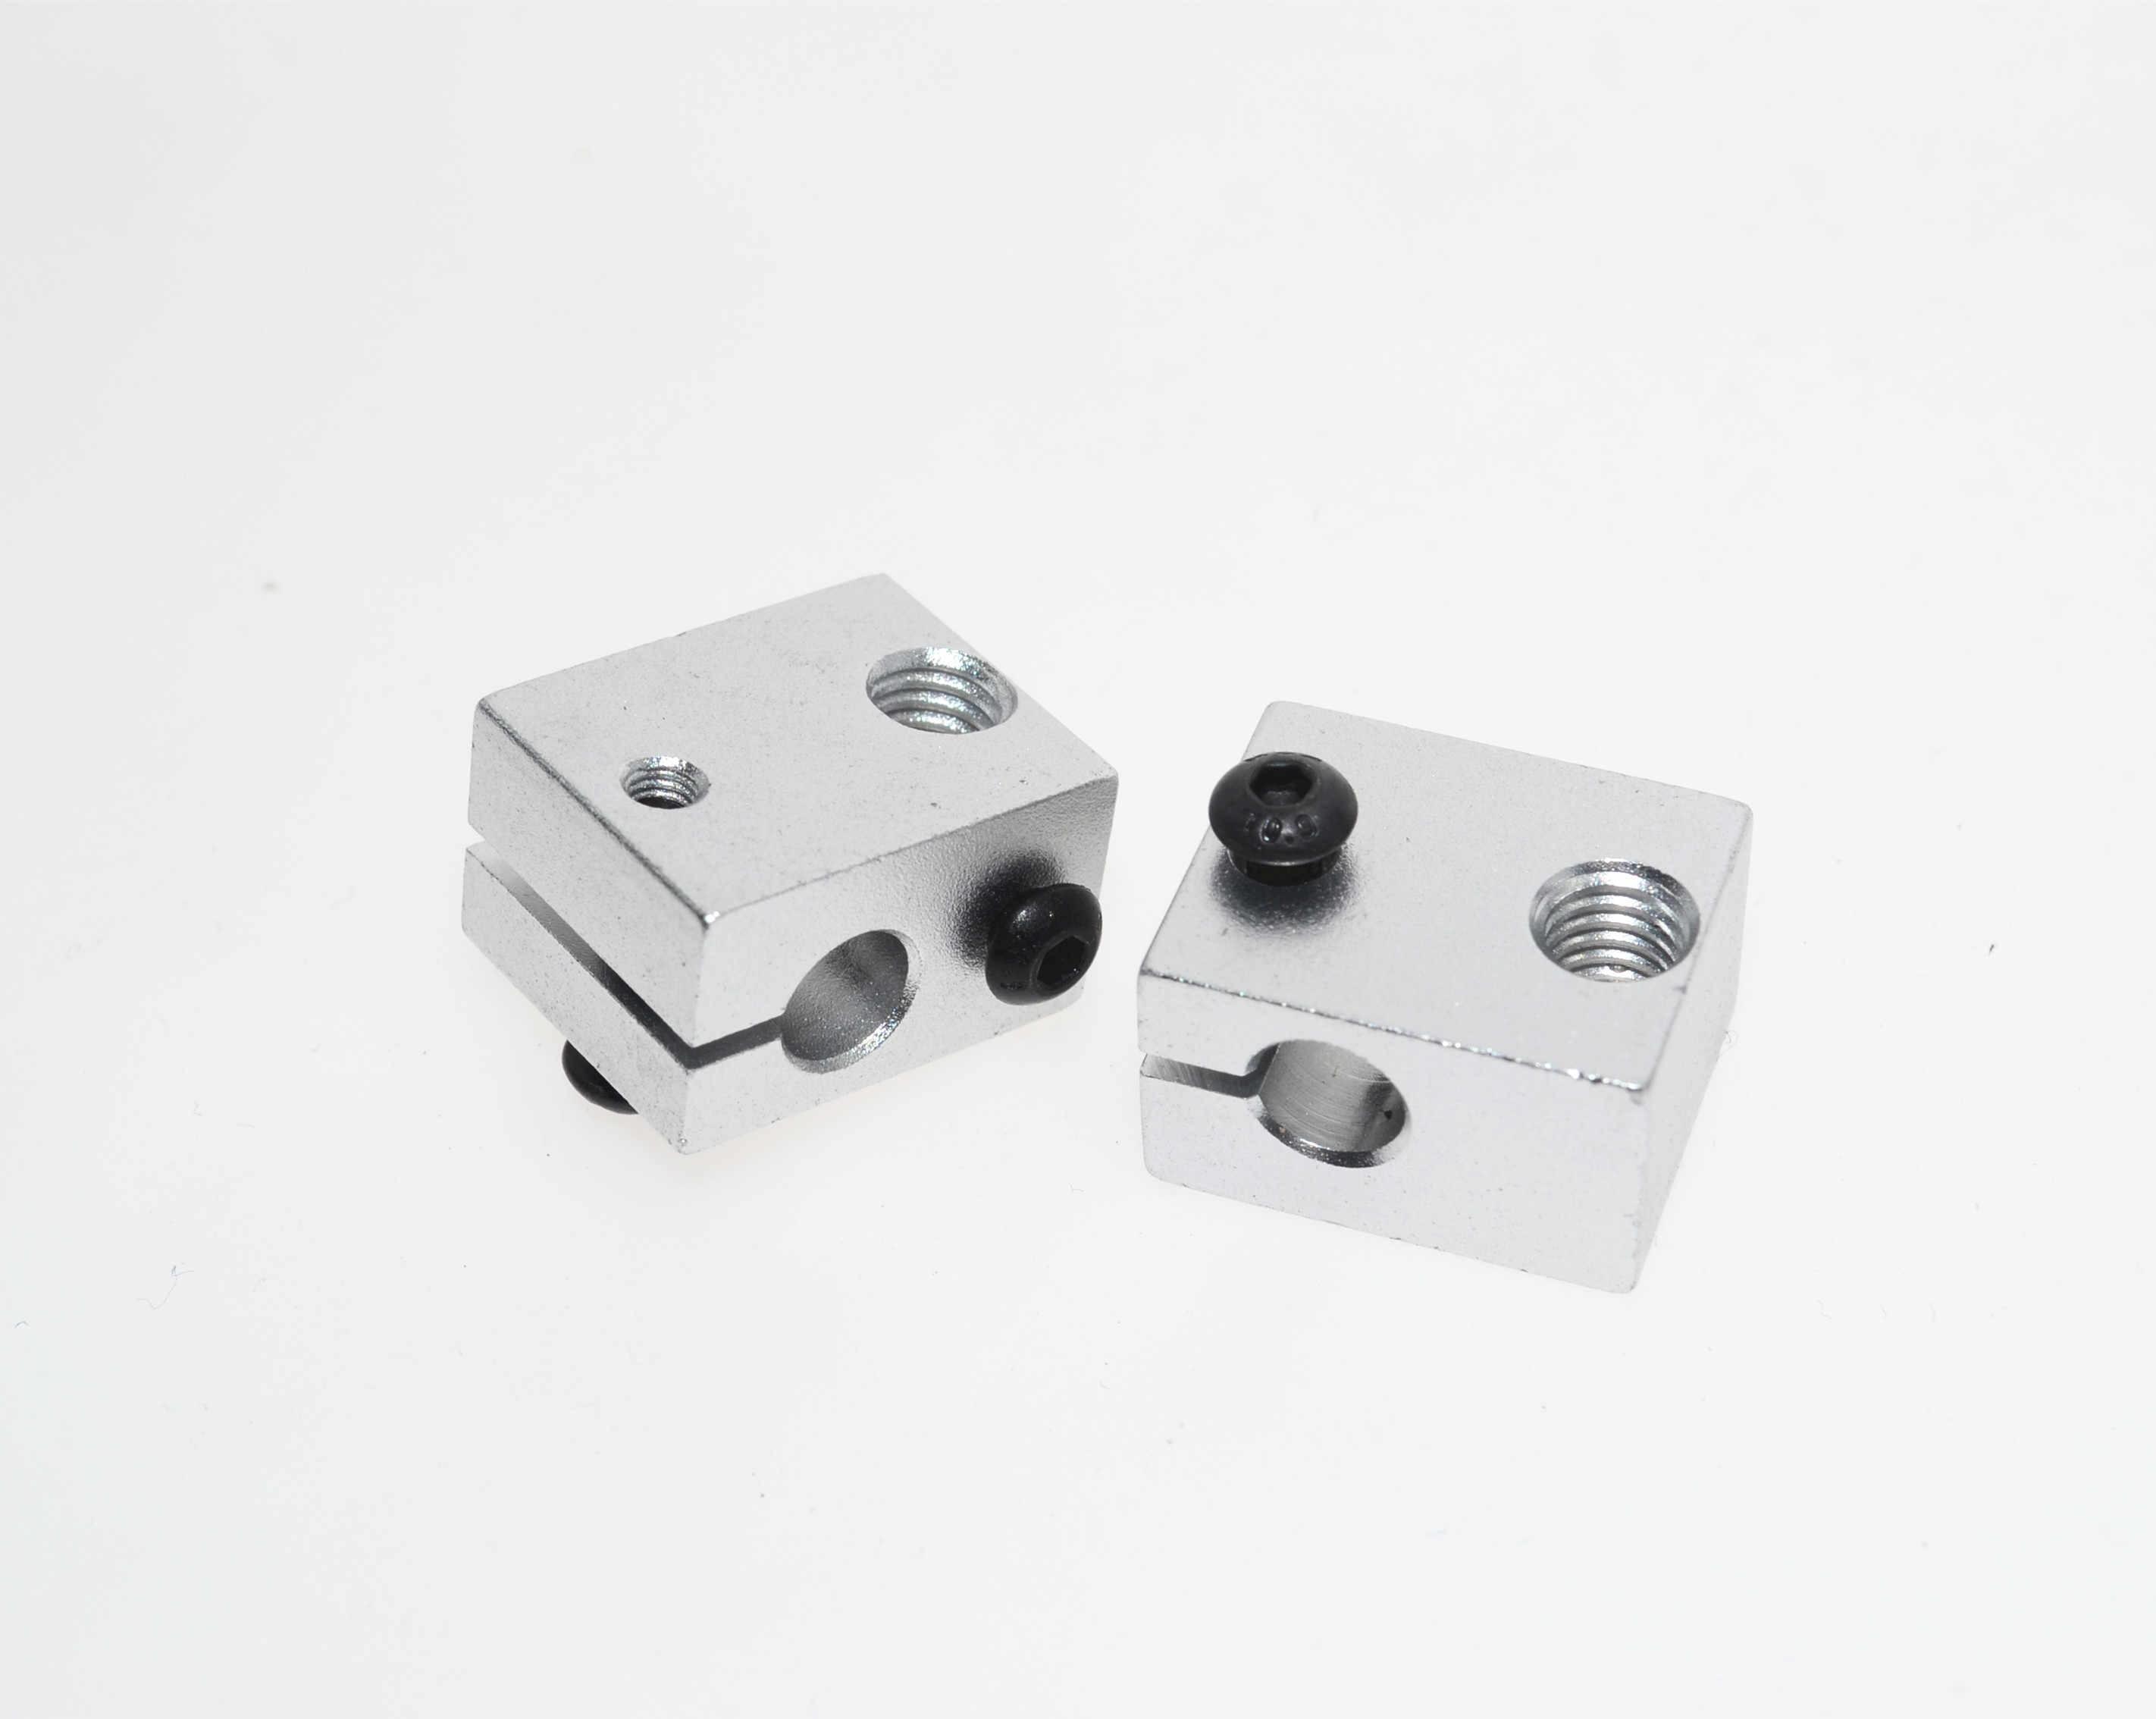 Bloc thermique en Aluminium pour imprimante 3d E3D V6 j-head Makerbot MK7/MK8 extrudeuse 16mm * 16mm * 12mm livraison gratuite!!!